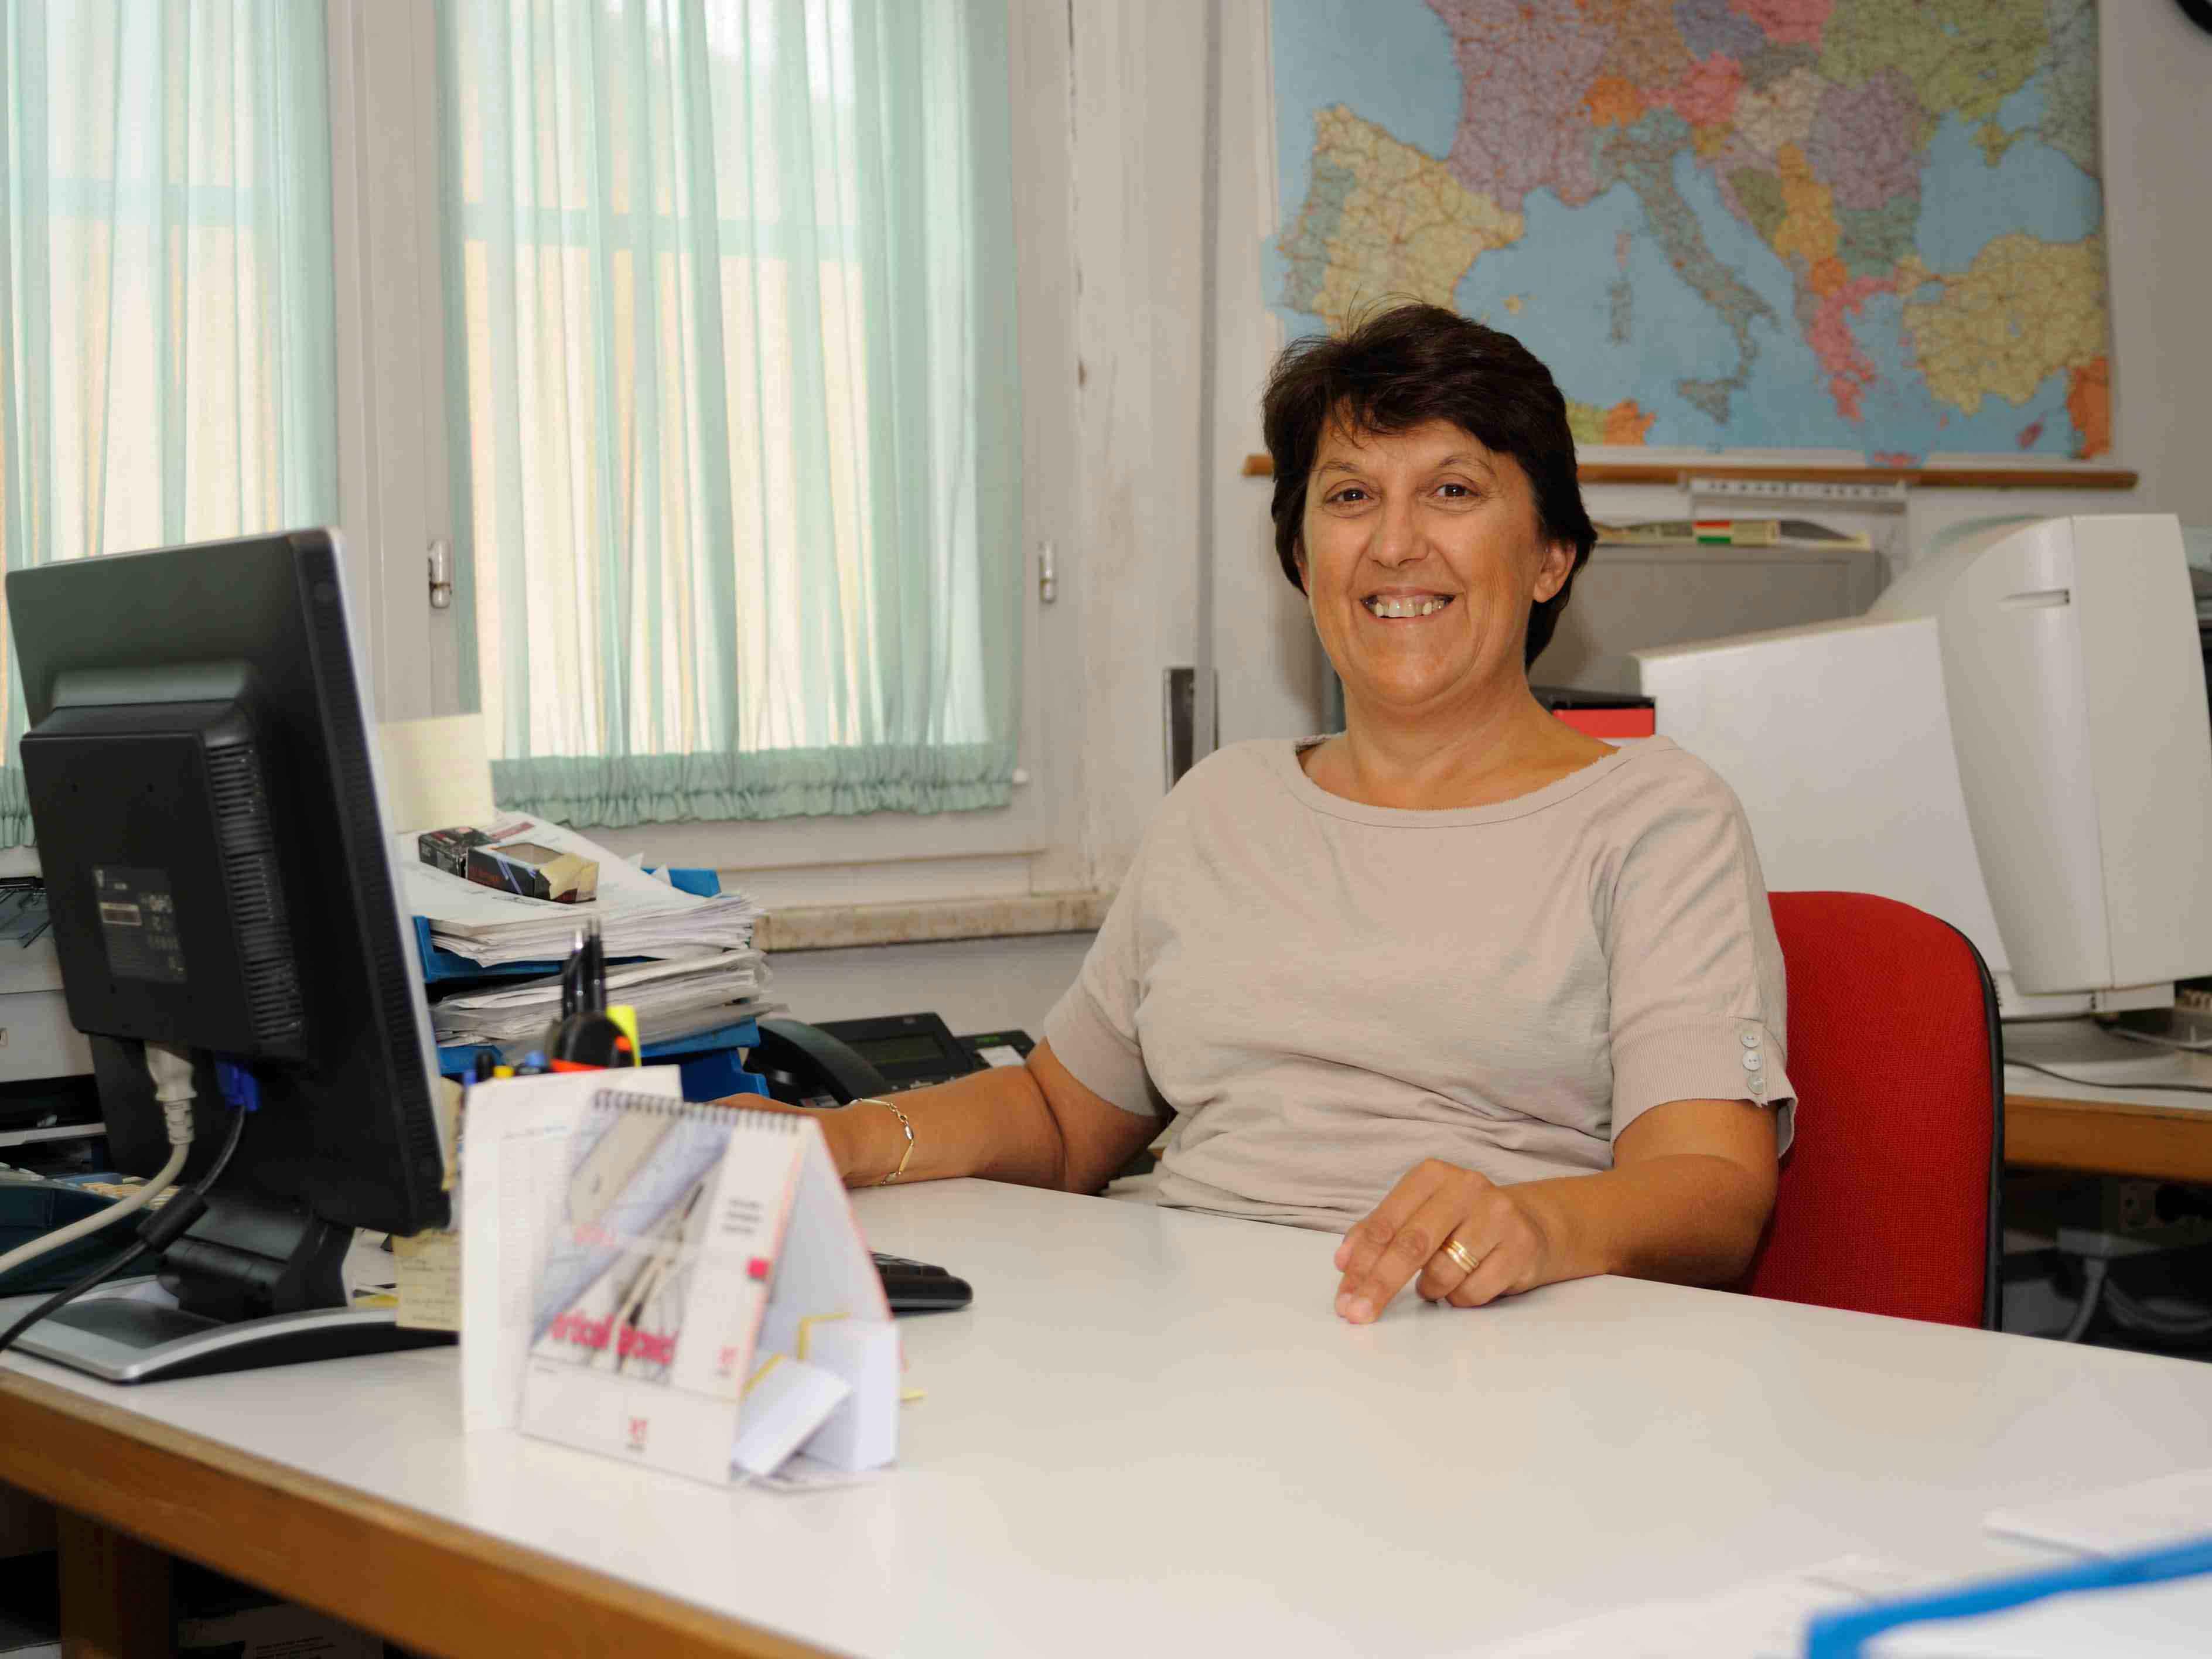 Stefania Palmieri